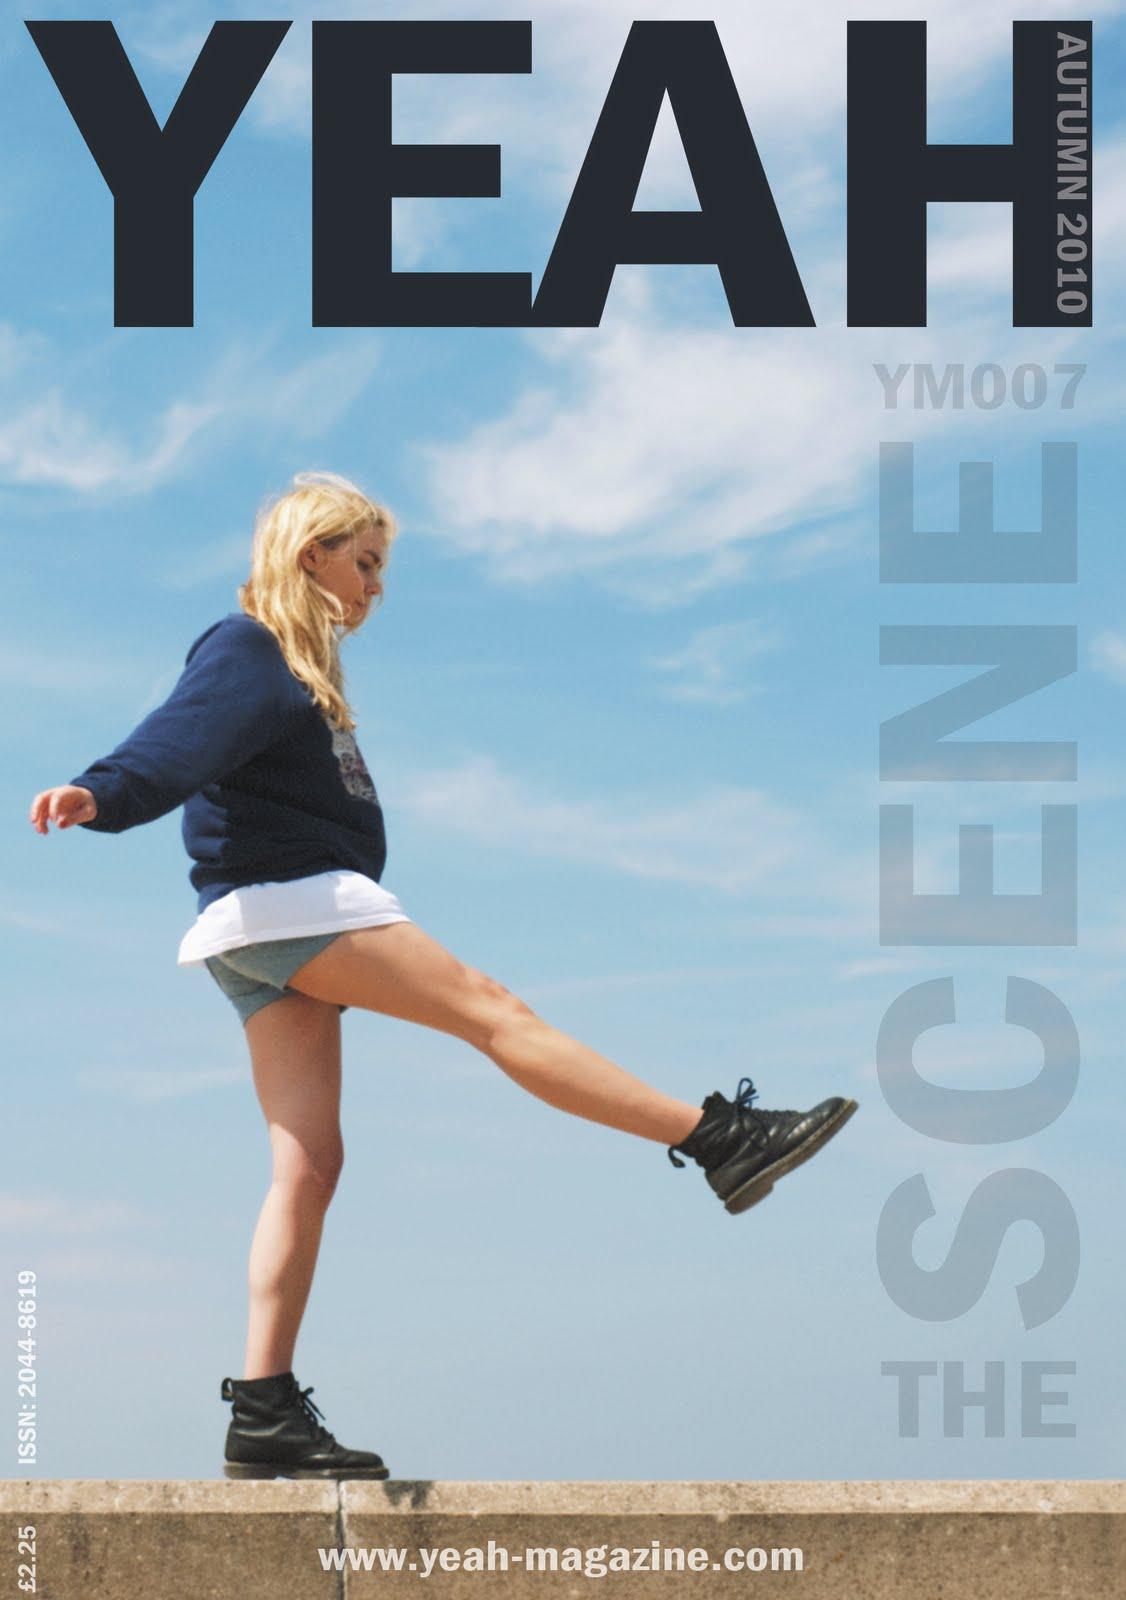 YEAH Magazine